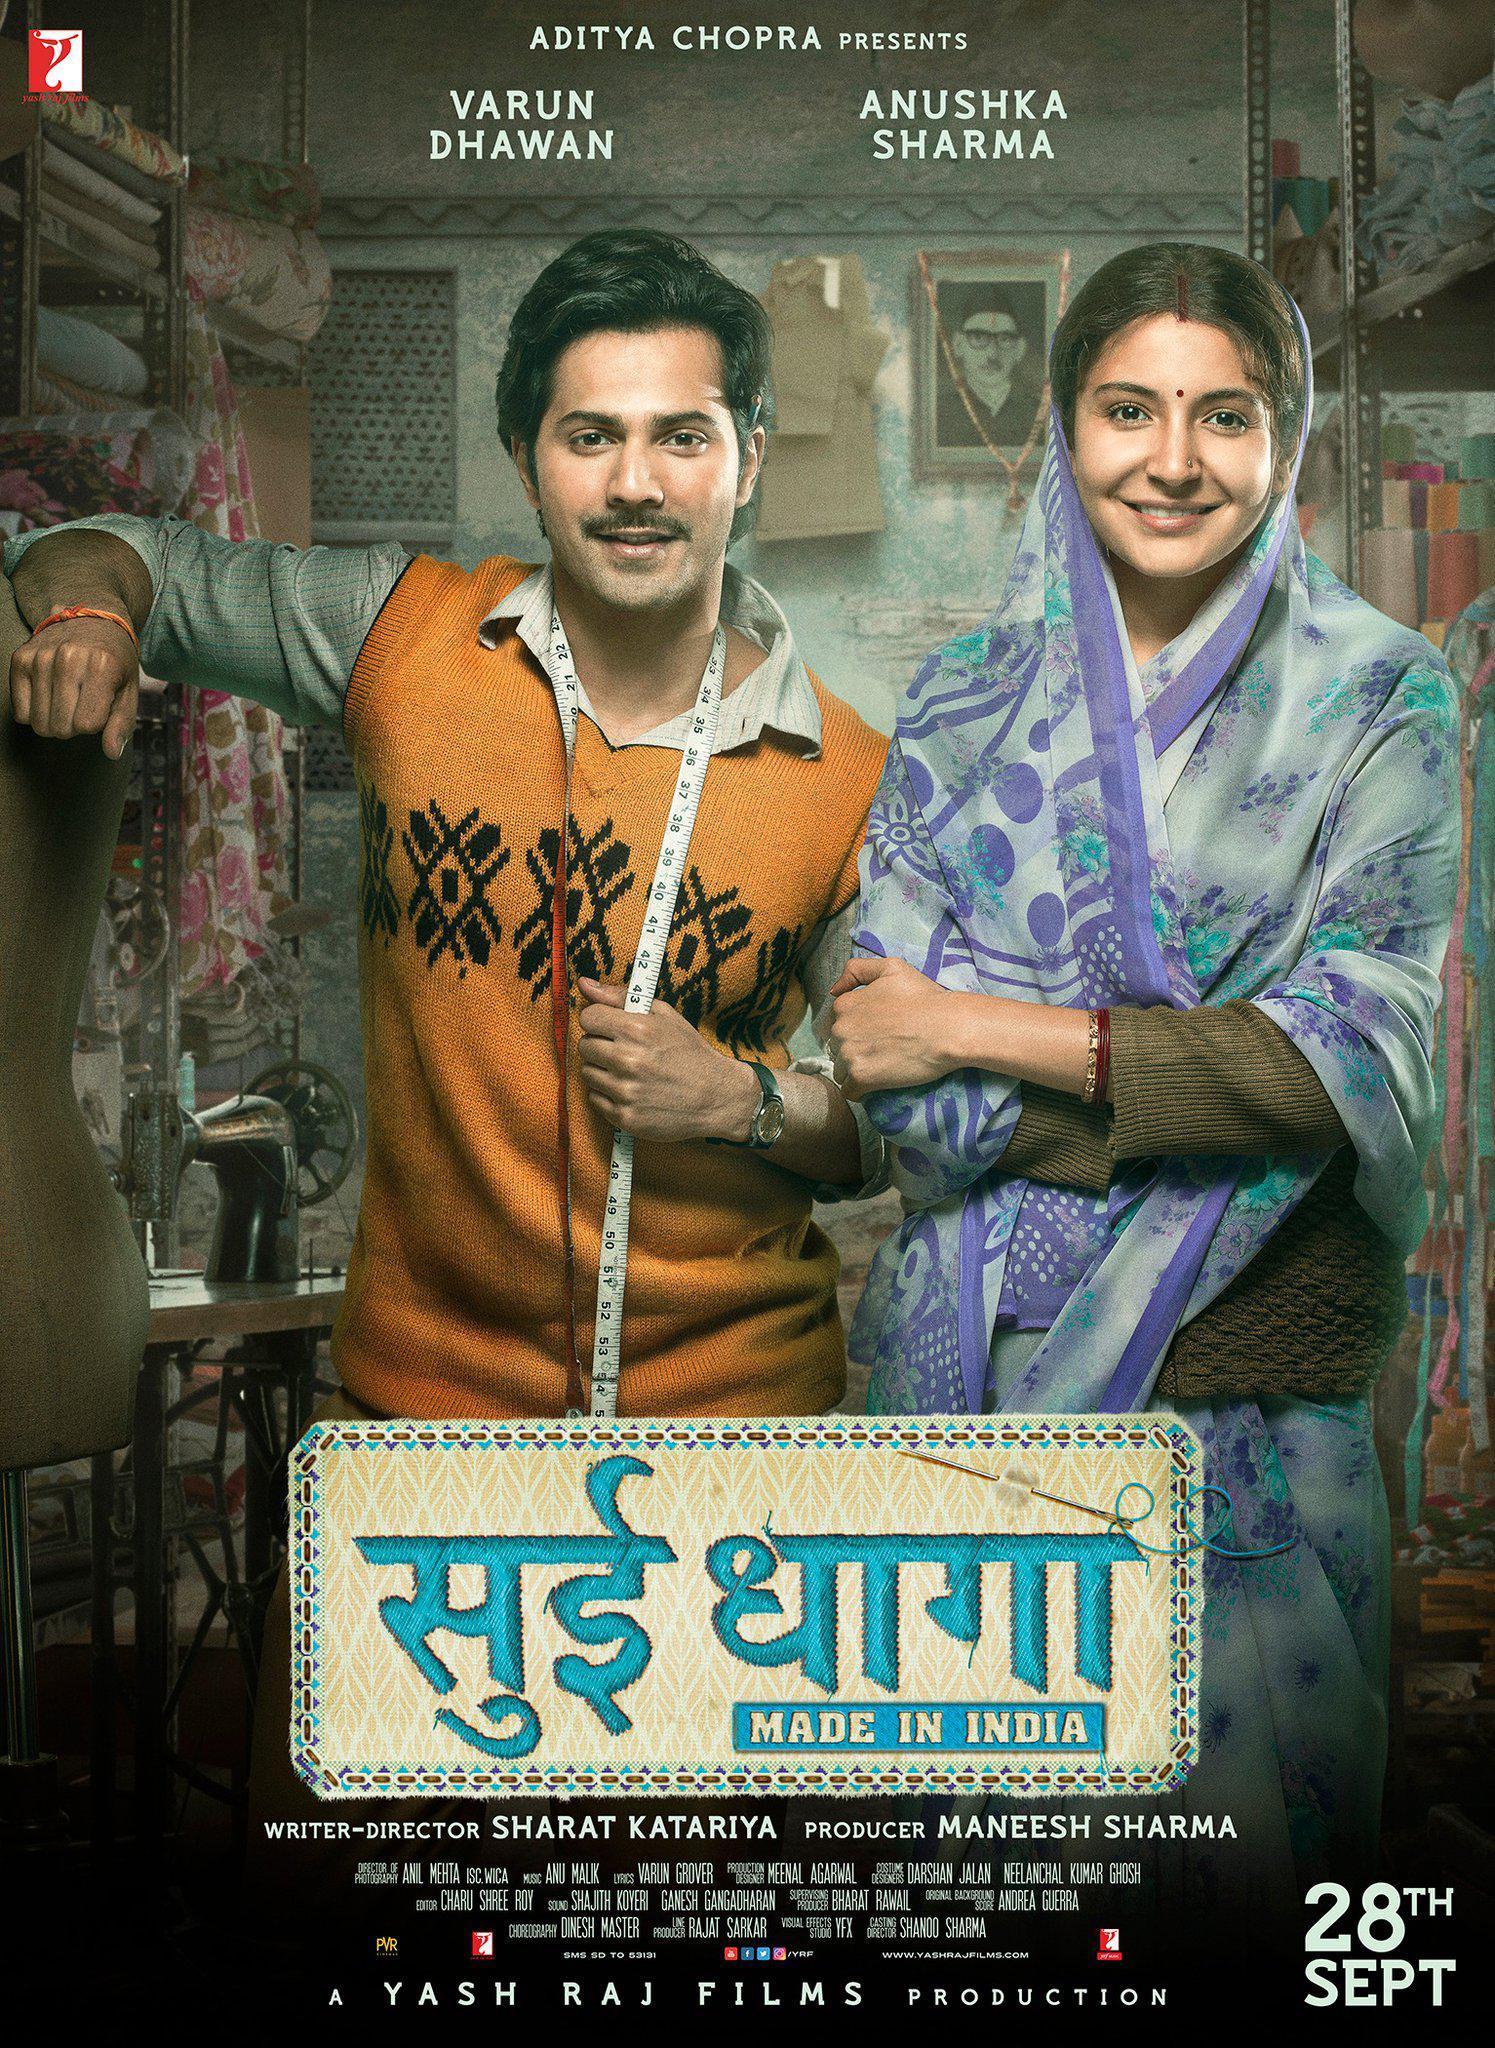 安努舒卡·莎玛领衔主演的喜剧片《印度制造》在上海国际电影节上展映